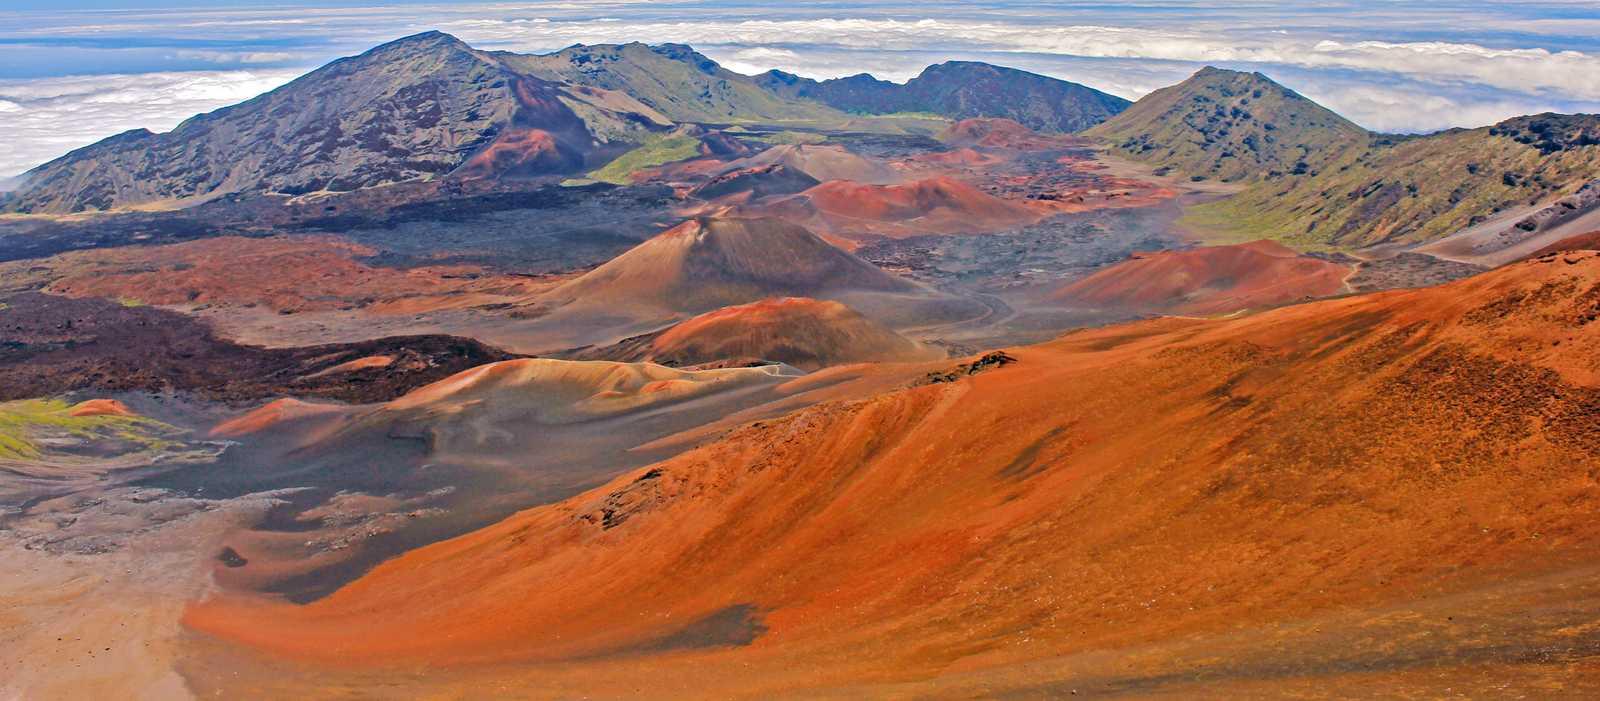 Blick auf den Haleakala-Krater